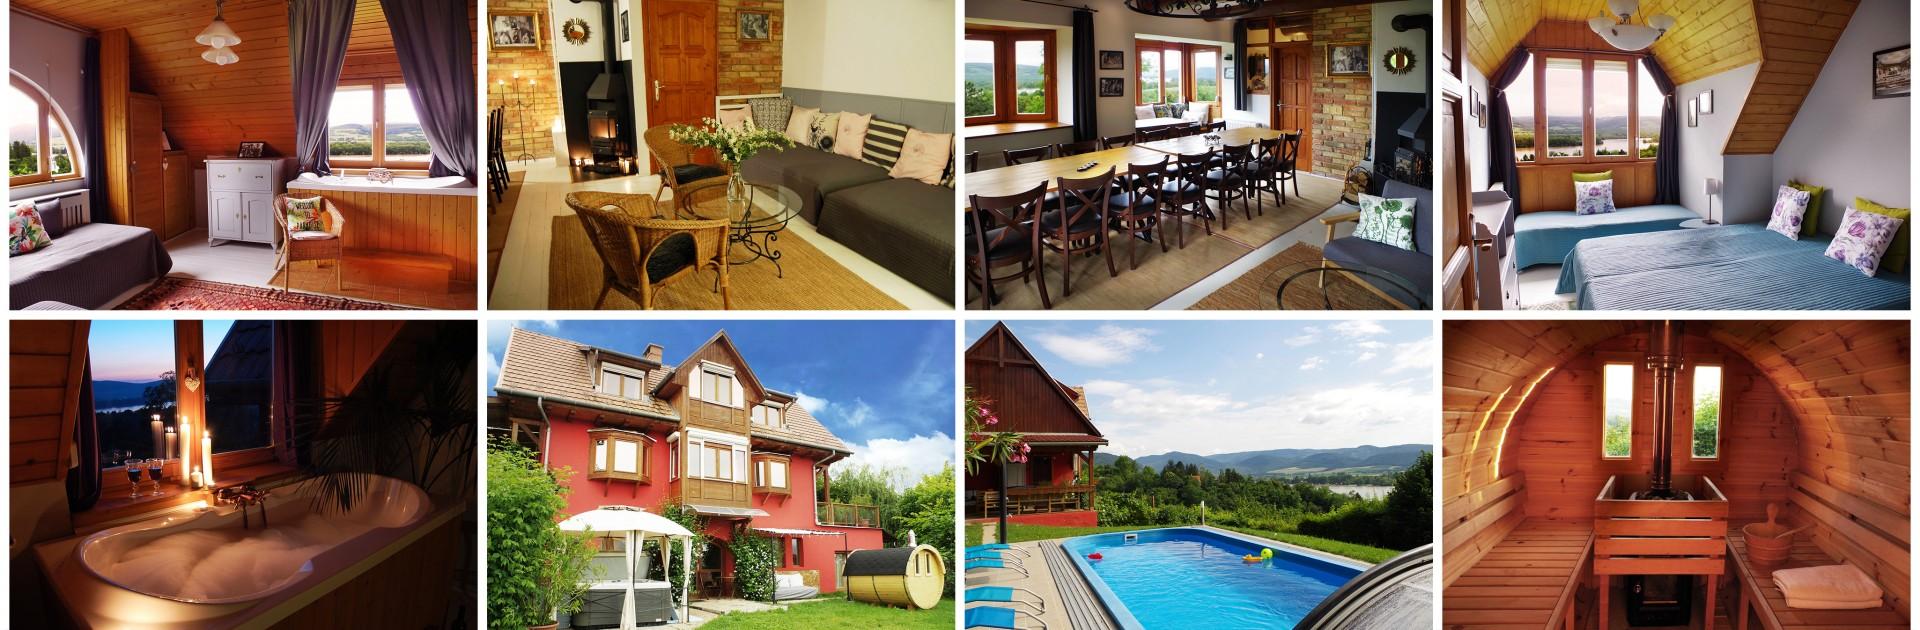 panoráma, Zebegény, szállás, vendégház, szauna, medence, kandalló